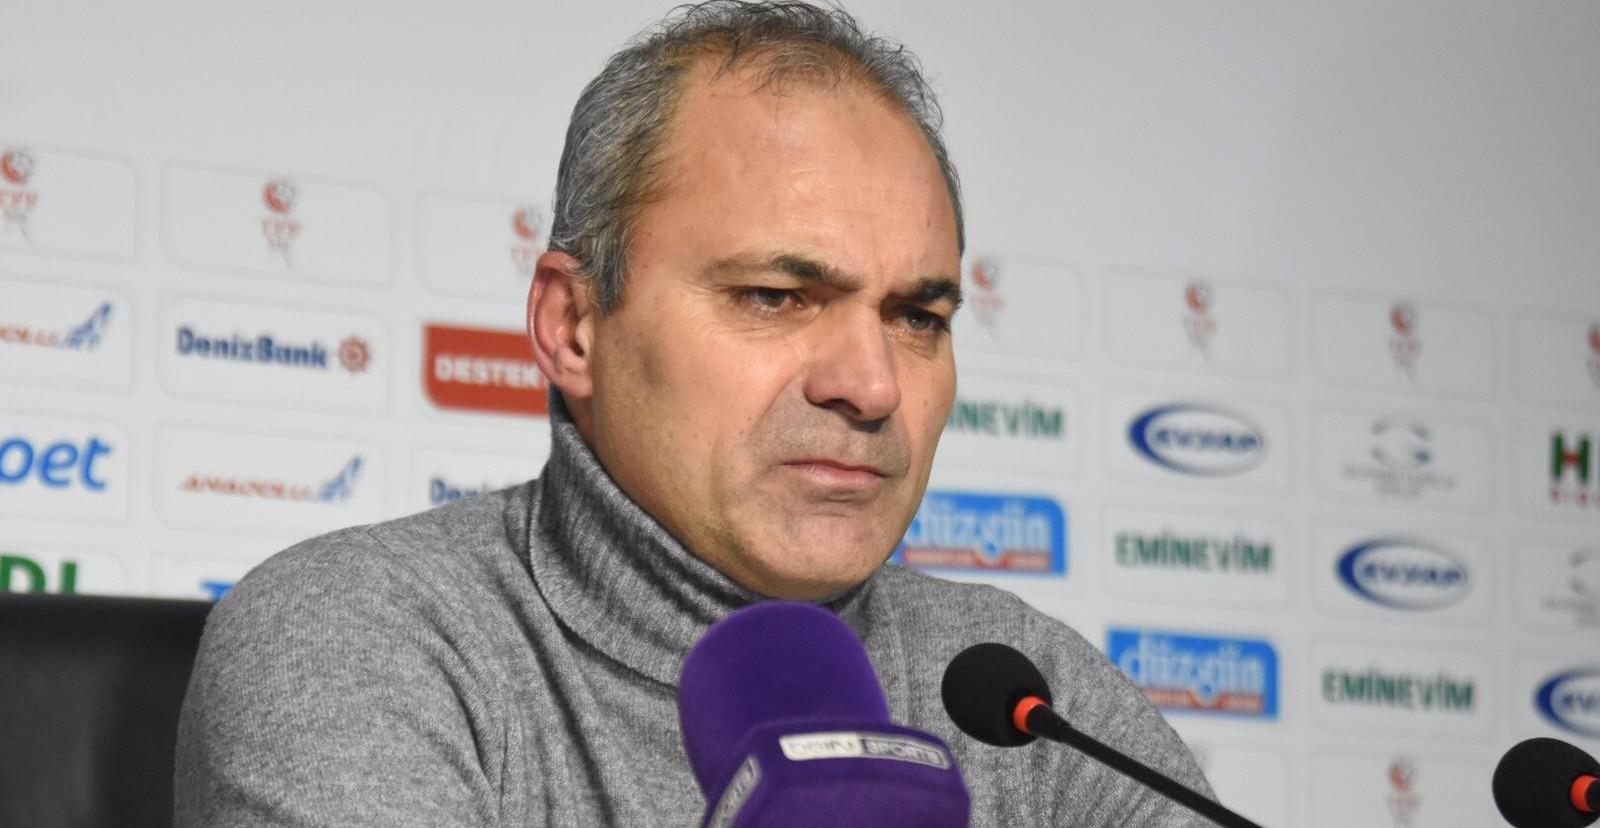 Erzurumspor - Giresunspor maçının ardından